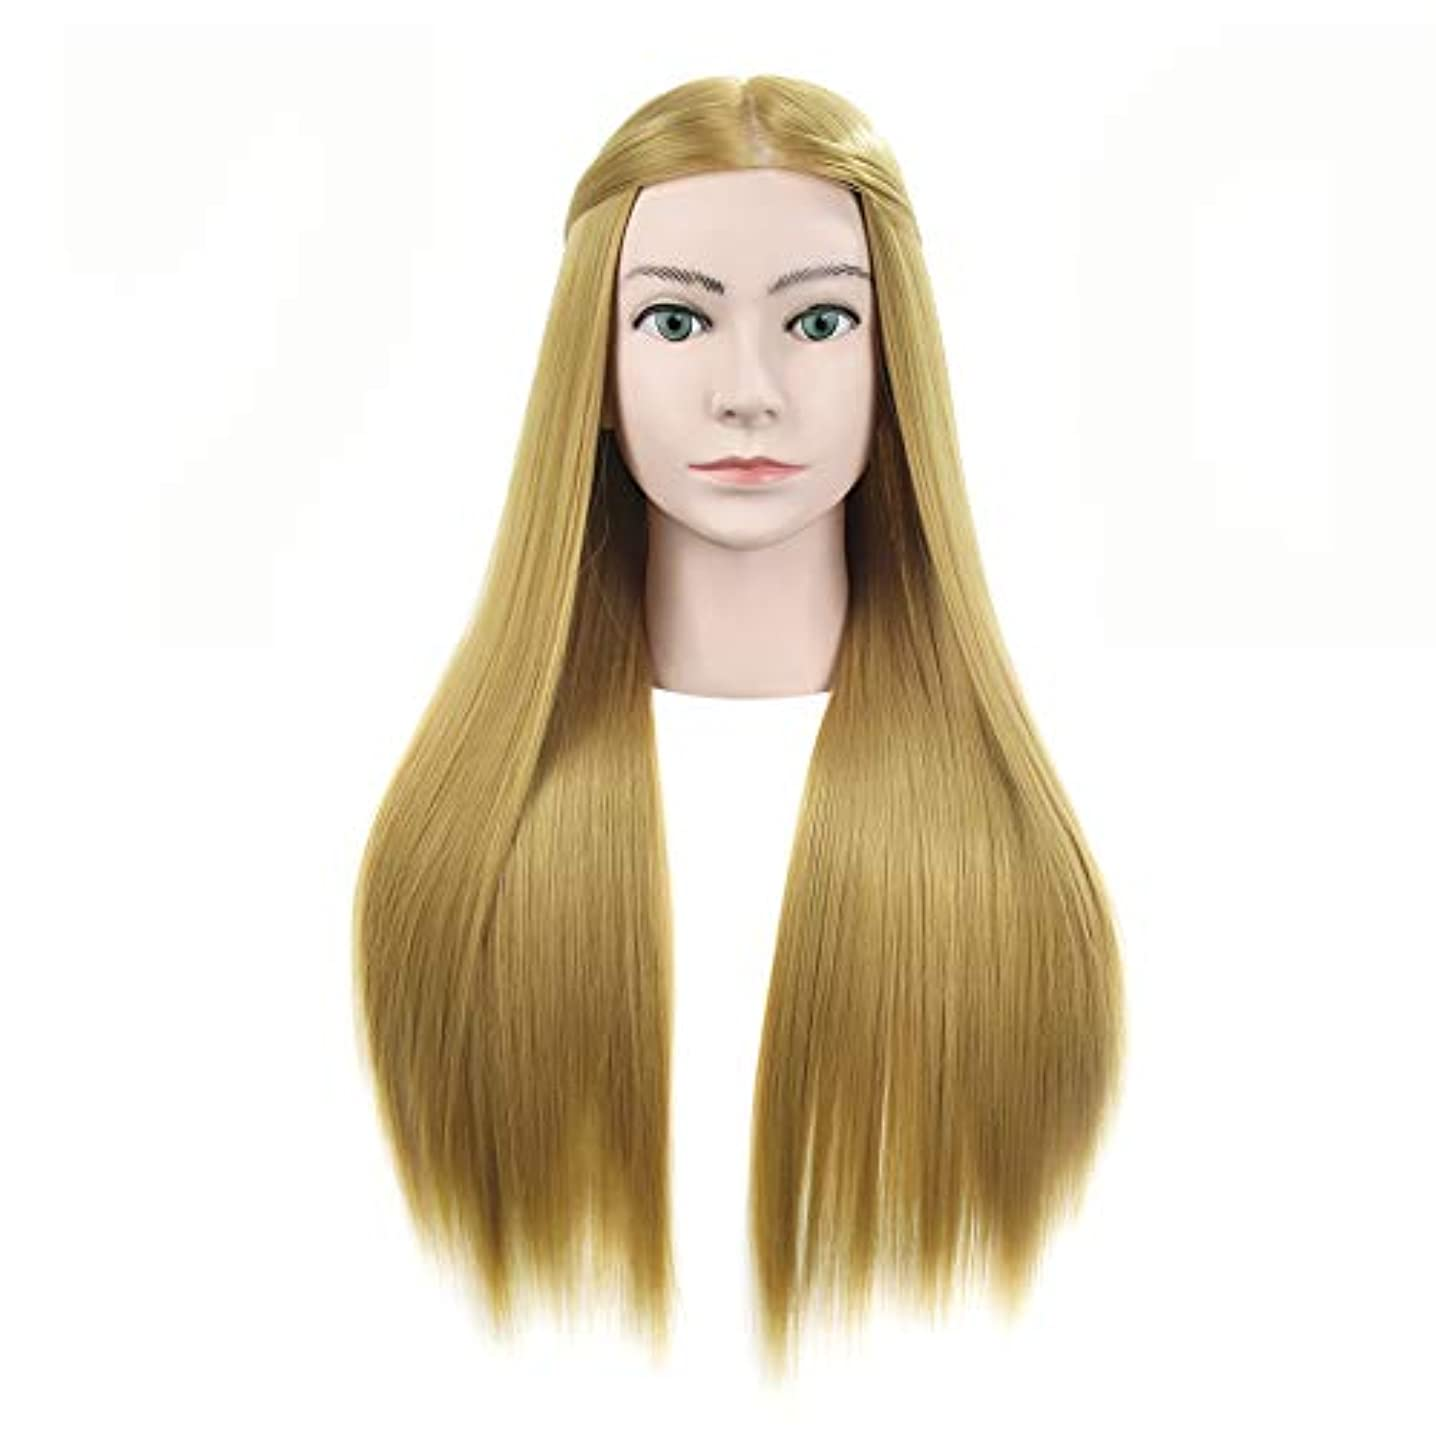 肝社交的作曲するメイクディスクヘアスタイリング編み教育ダミーヘッドサロンエクササイズヘッド金型理髪ヘアカットトレーニングかつら